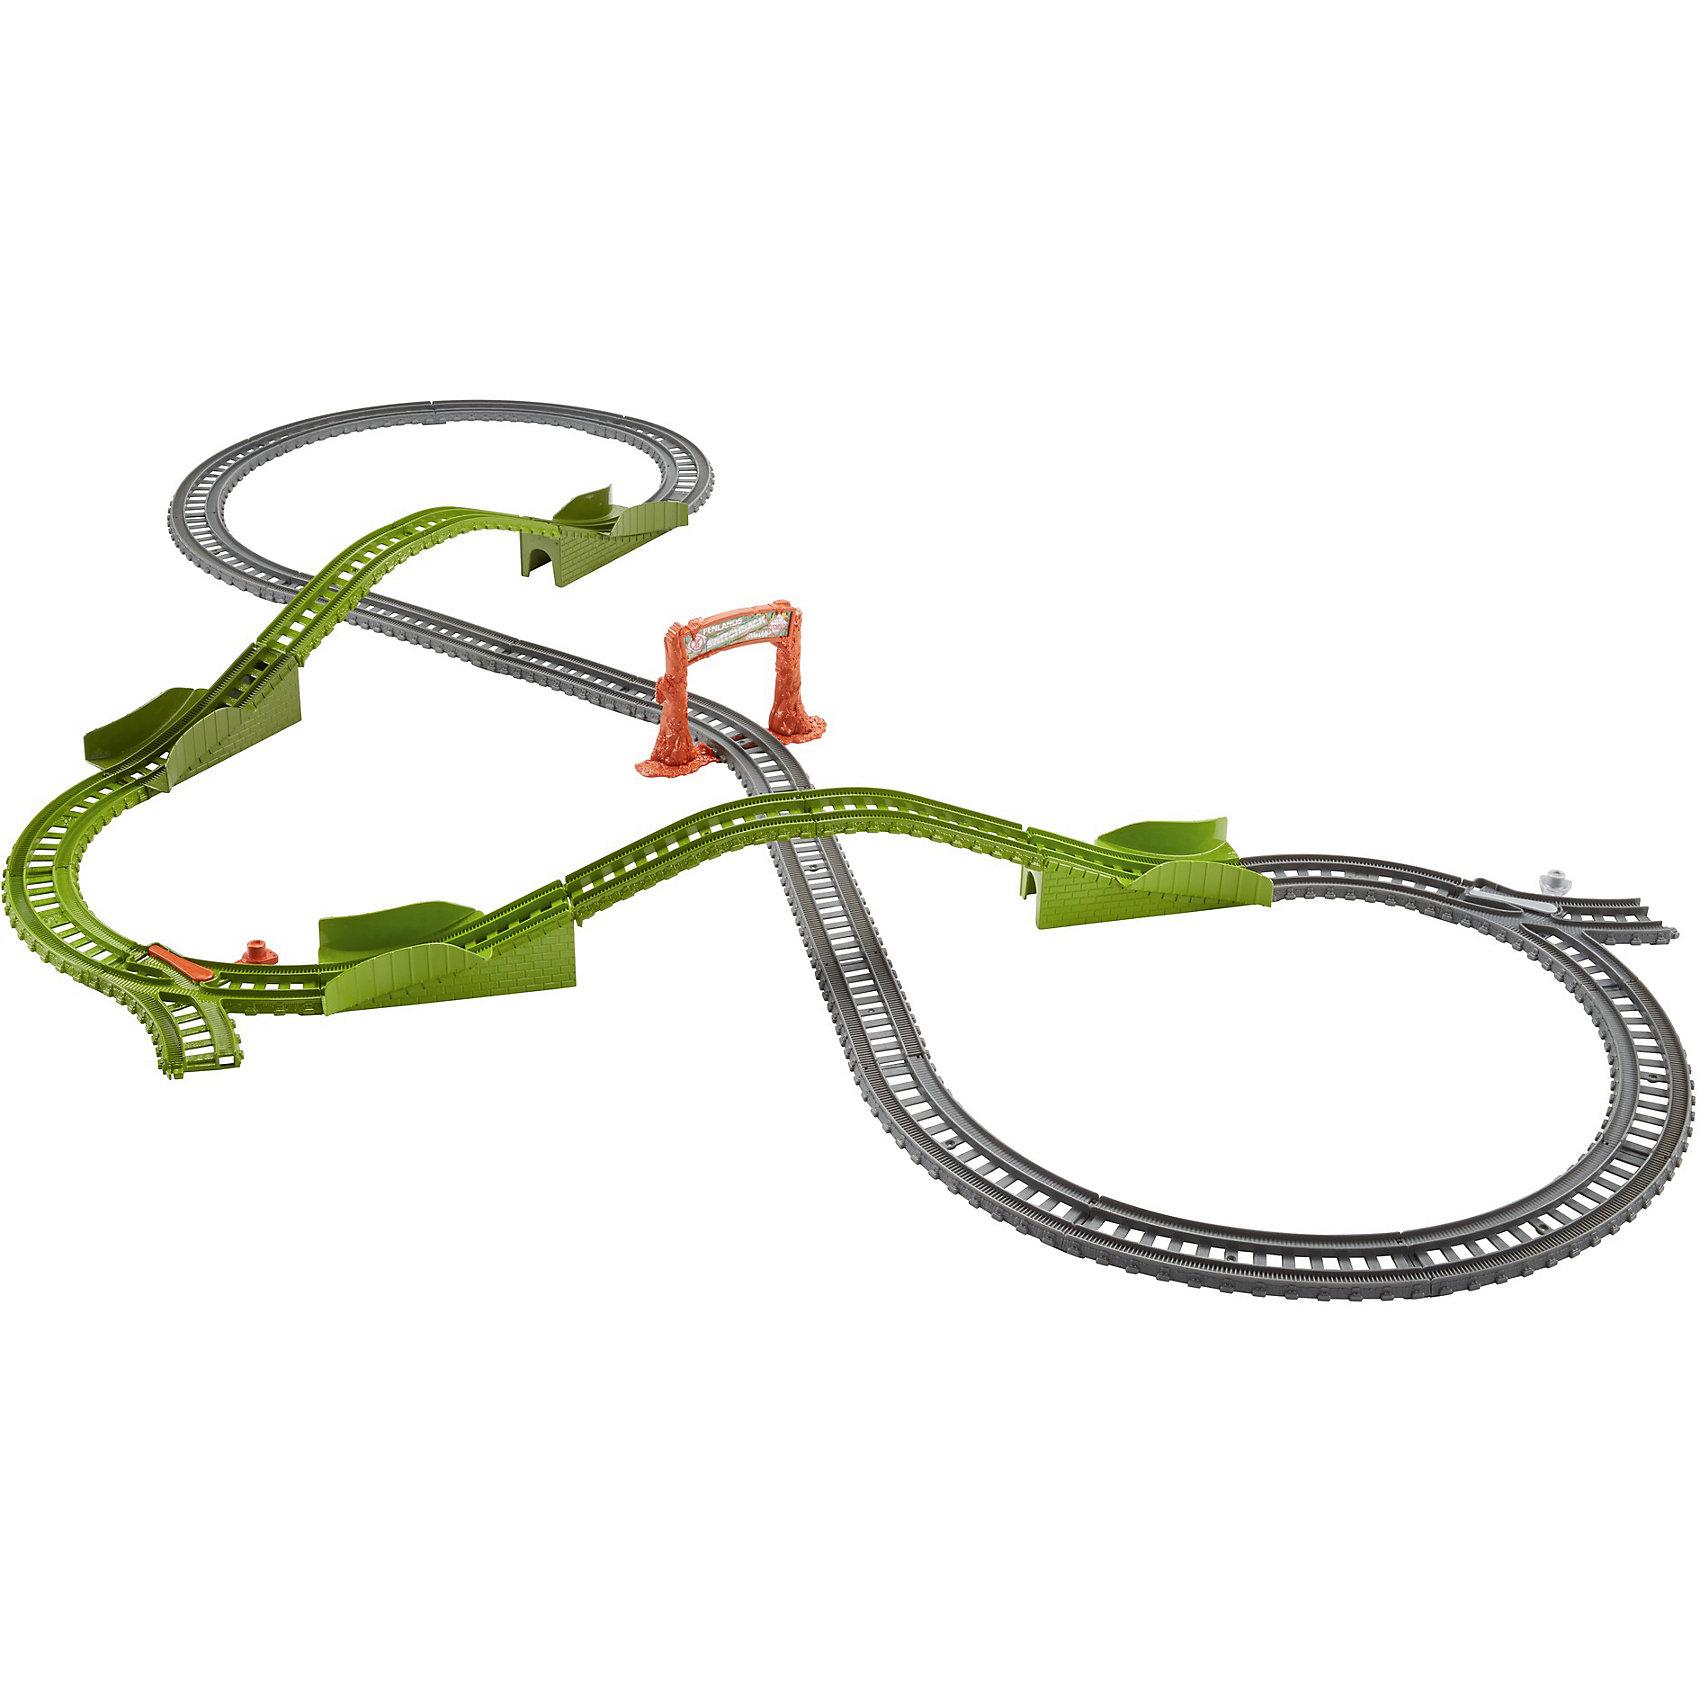 Игровой набор Гонка по болоту, Томас и его друзьяИгровой набор Гонка по болоту, Томас и его друзья.<br><br>Характеристики:<br><br>• В наборе: детали для сборки железной дороги, детали для сборки мостов, знак «Fenlands Swamp»<br>• Количество деталей: 25<br>• Материал: пластик<br>• Длина железнодорожного полотна: 121 см.<br>• Размер упаковки: 25х13х25 см.<br>• Вес: 820 гр.<br><br>С игровым набором Гонка по болоту ты можешь отправиться в Фендлендс - болотистую часть острова Содор. Построй двухуровневую железную дорогу с мостами, и отправляй паровозик (приобретается отдельно) в увлекательное путешествие. Паровозик может проехать как по мостам, так и под ними. <br><br>Реалистичности игре придают элементы конструктора зеленых цветов и знак «Fenlands Swamp». Все элементы набора выполнены из высококачественного пластика и покрыты нетоксичными красками. Набор совместим с другими наборами Track Master.<br><br>Игровой набор Гонка по болоту, Томас и его друзья можно купить в нашем интернет-магазине.<br><br>Ширина мм: 240<br>Глубина мм: 115<br>Высота мм: 240<br>Вес г: 914<br>Возраст от месяцев: 36<br>Возраст до месяцев: 120<br>Пол: Мужской<br>Возраст: Детский<br>SKU: 5440321